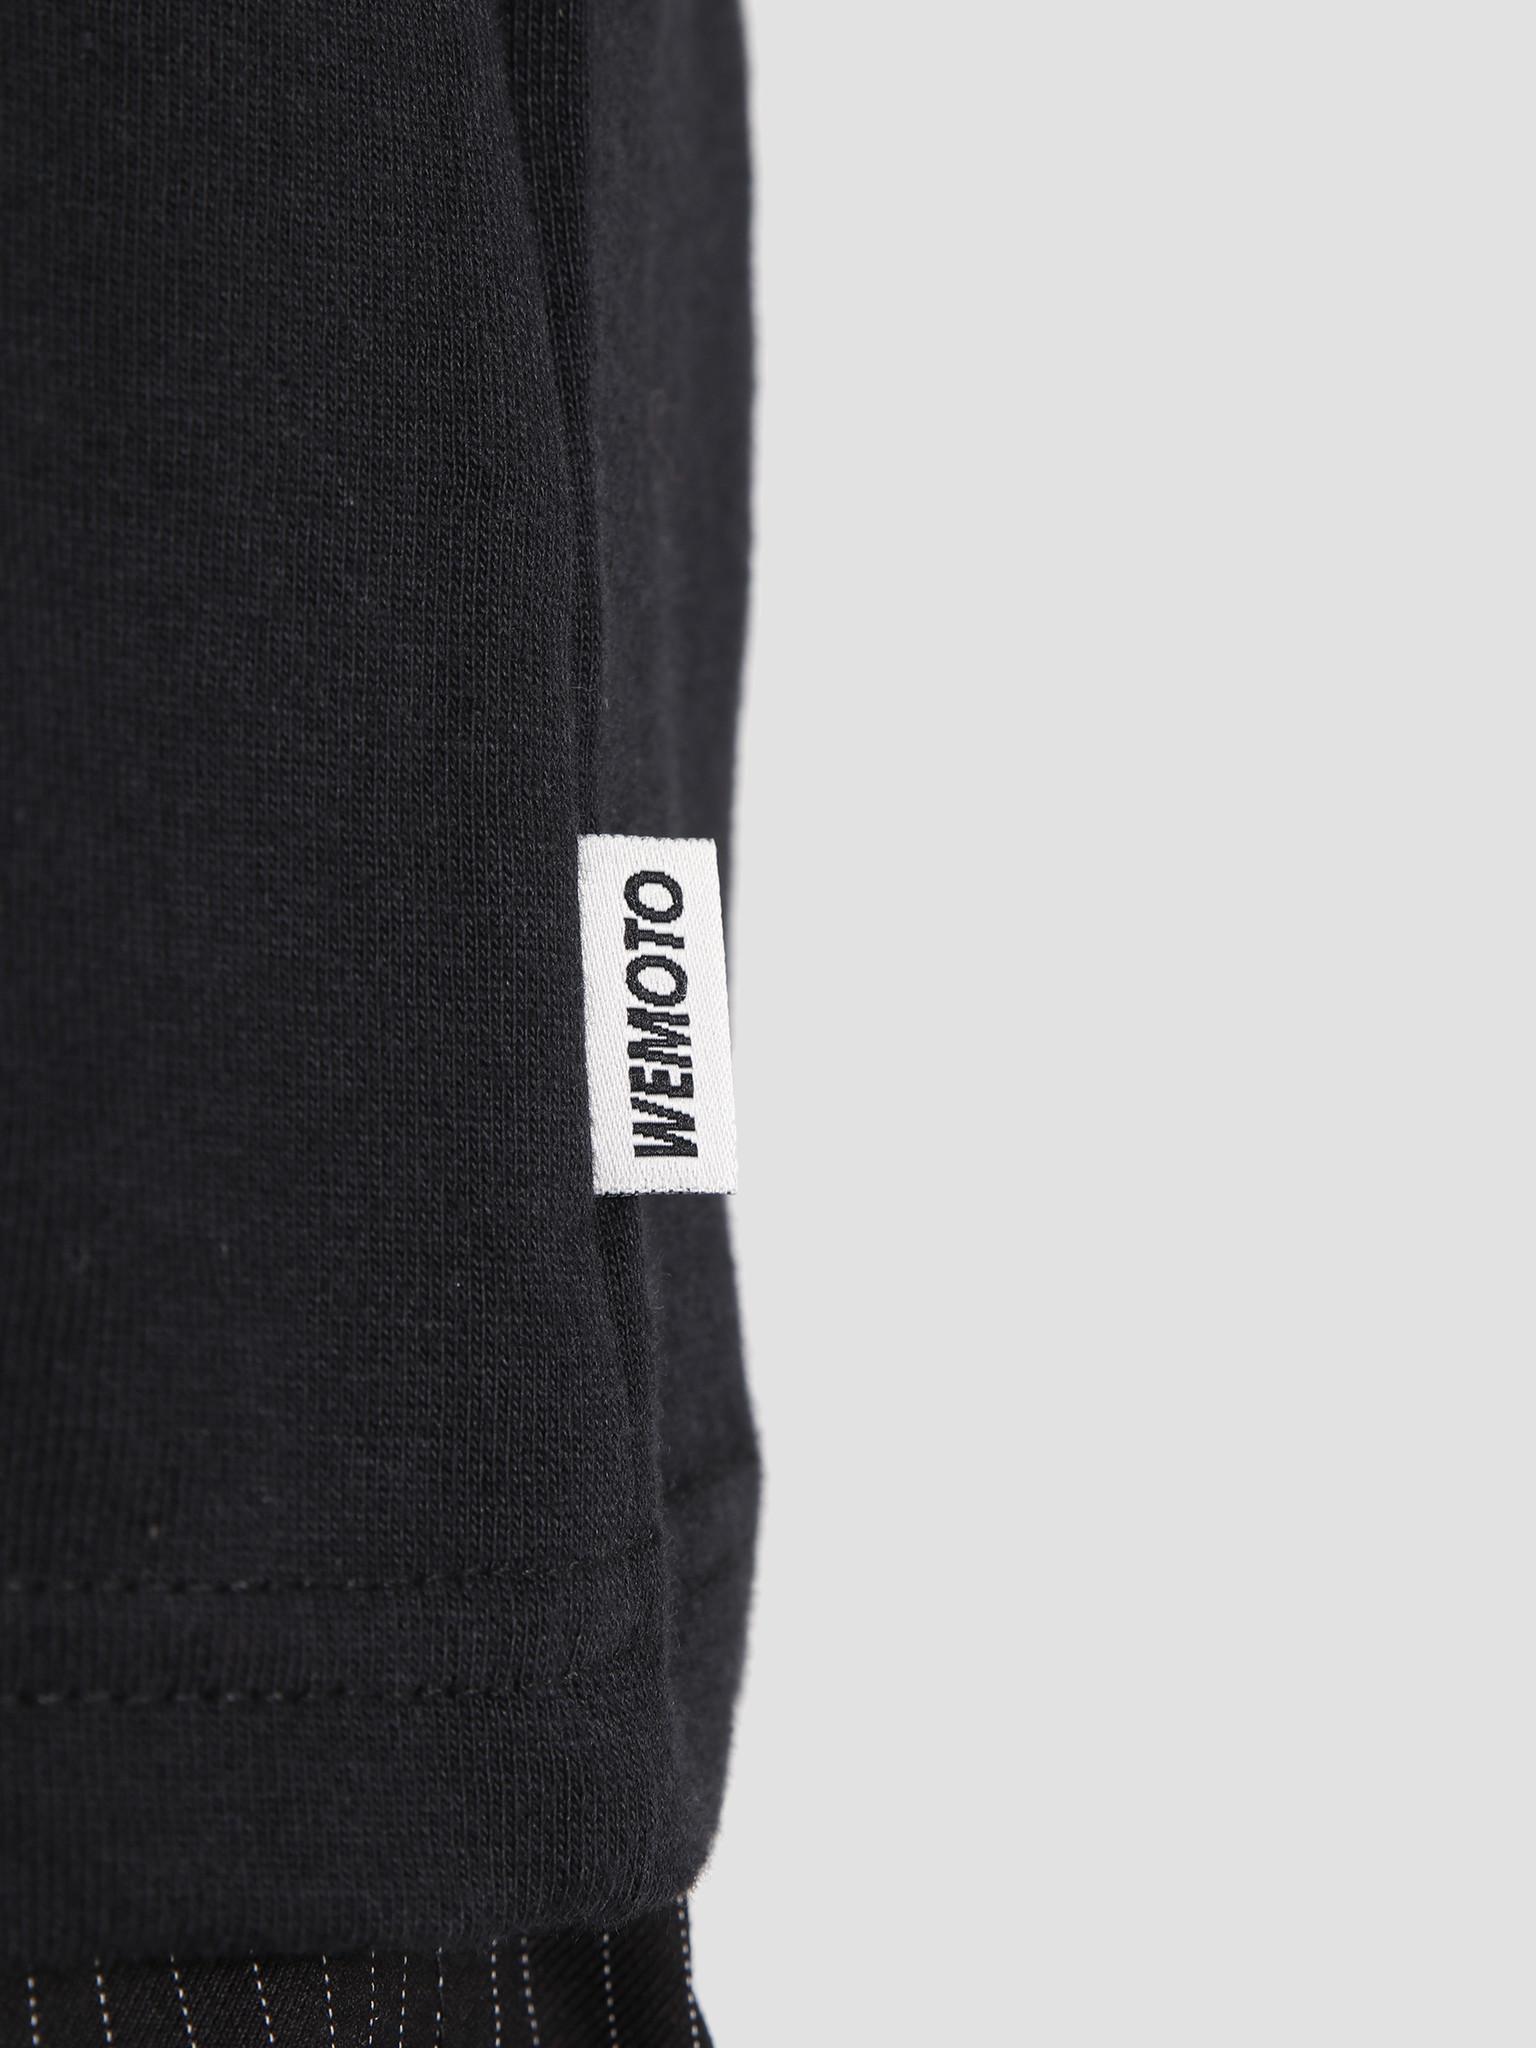 Wemoto Wemoto Woogle T-Shirt Black 131.129-100